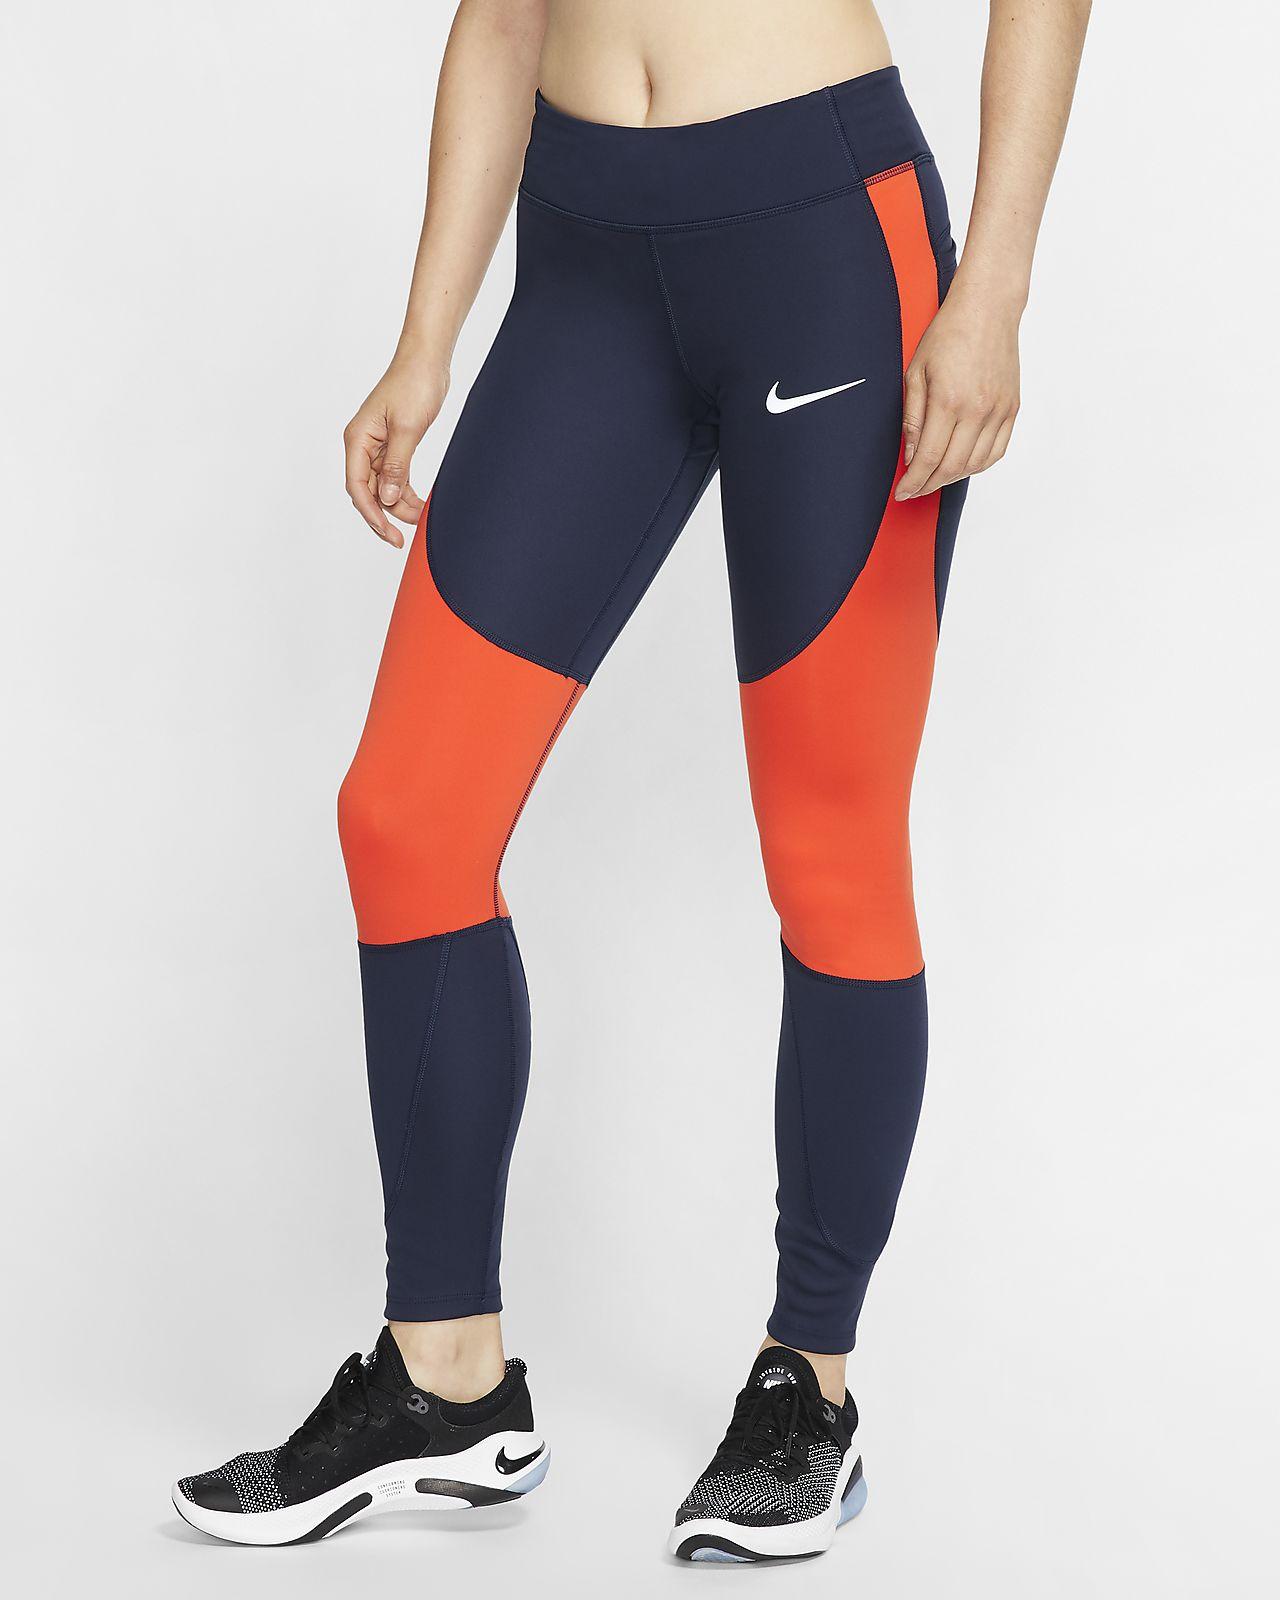 Женские беговые тайтсы Nike Epic Lux Repel